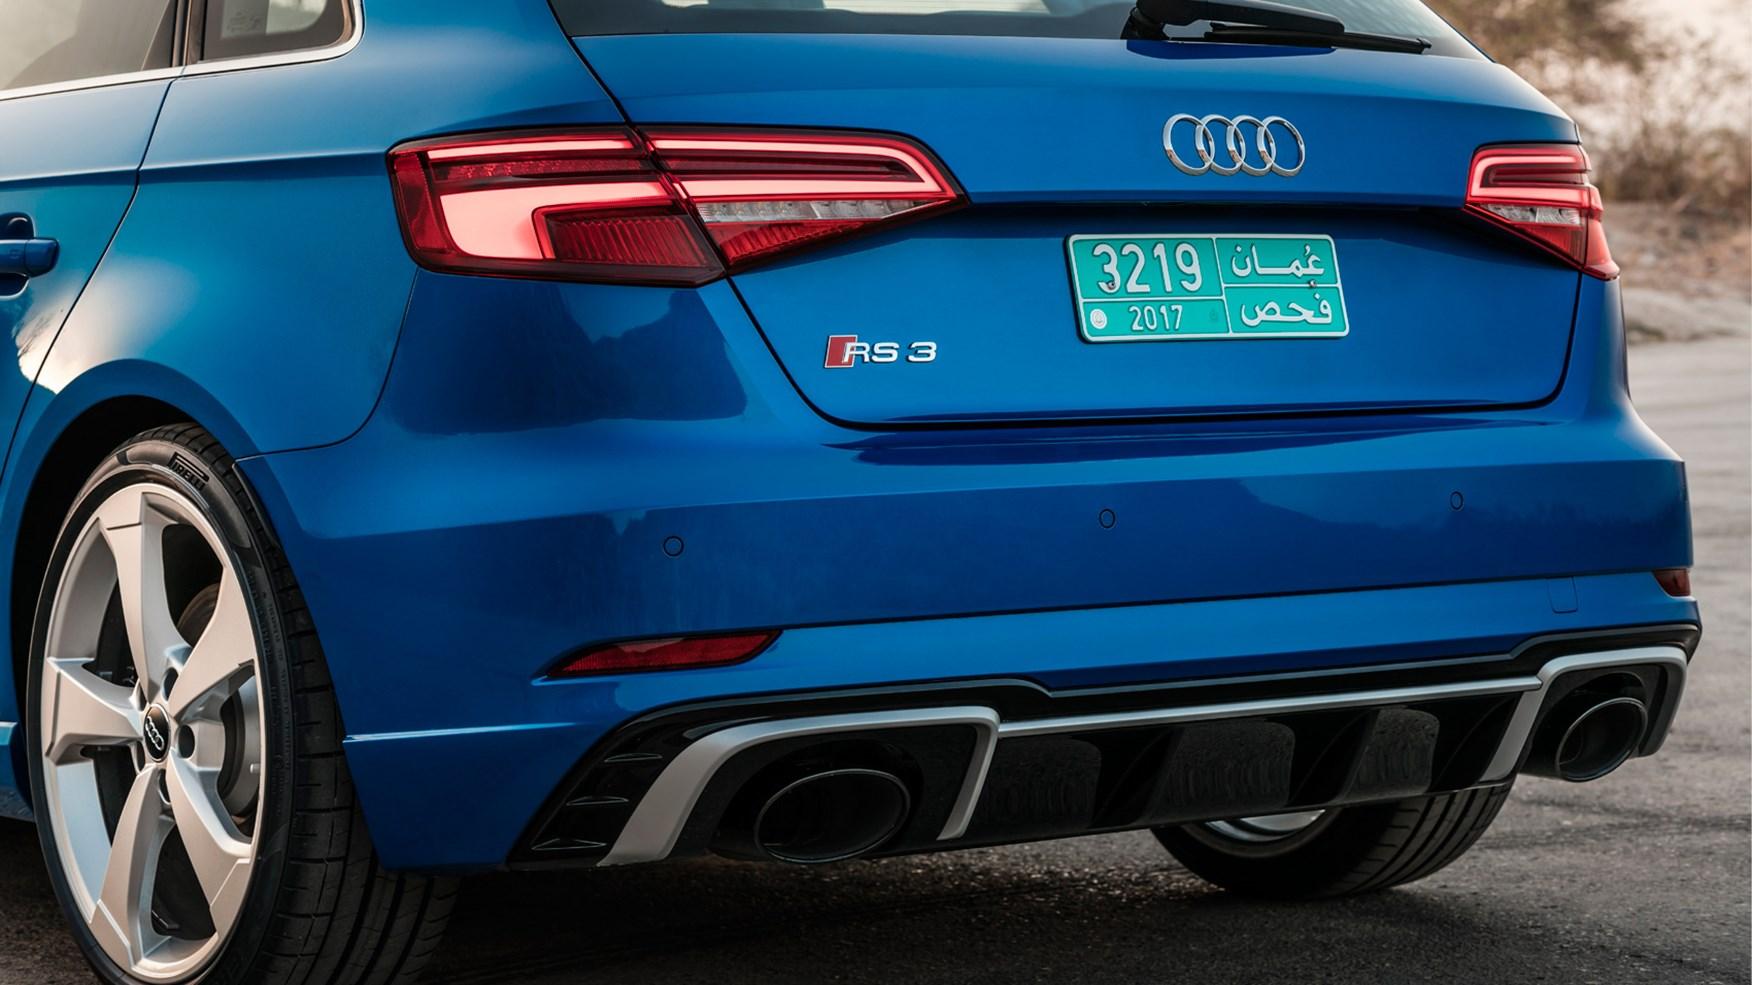 Audi rs3 lease deals 2017 11